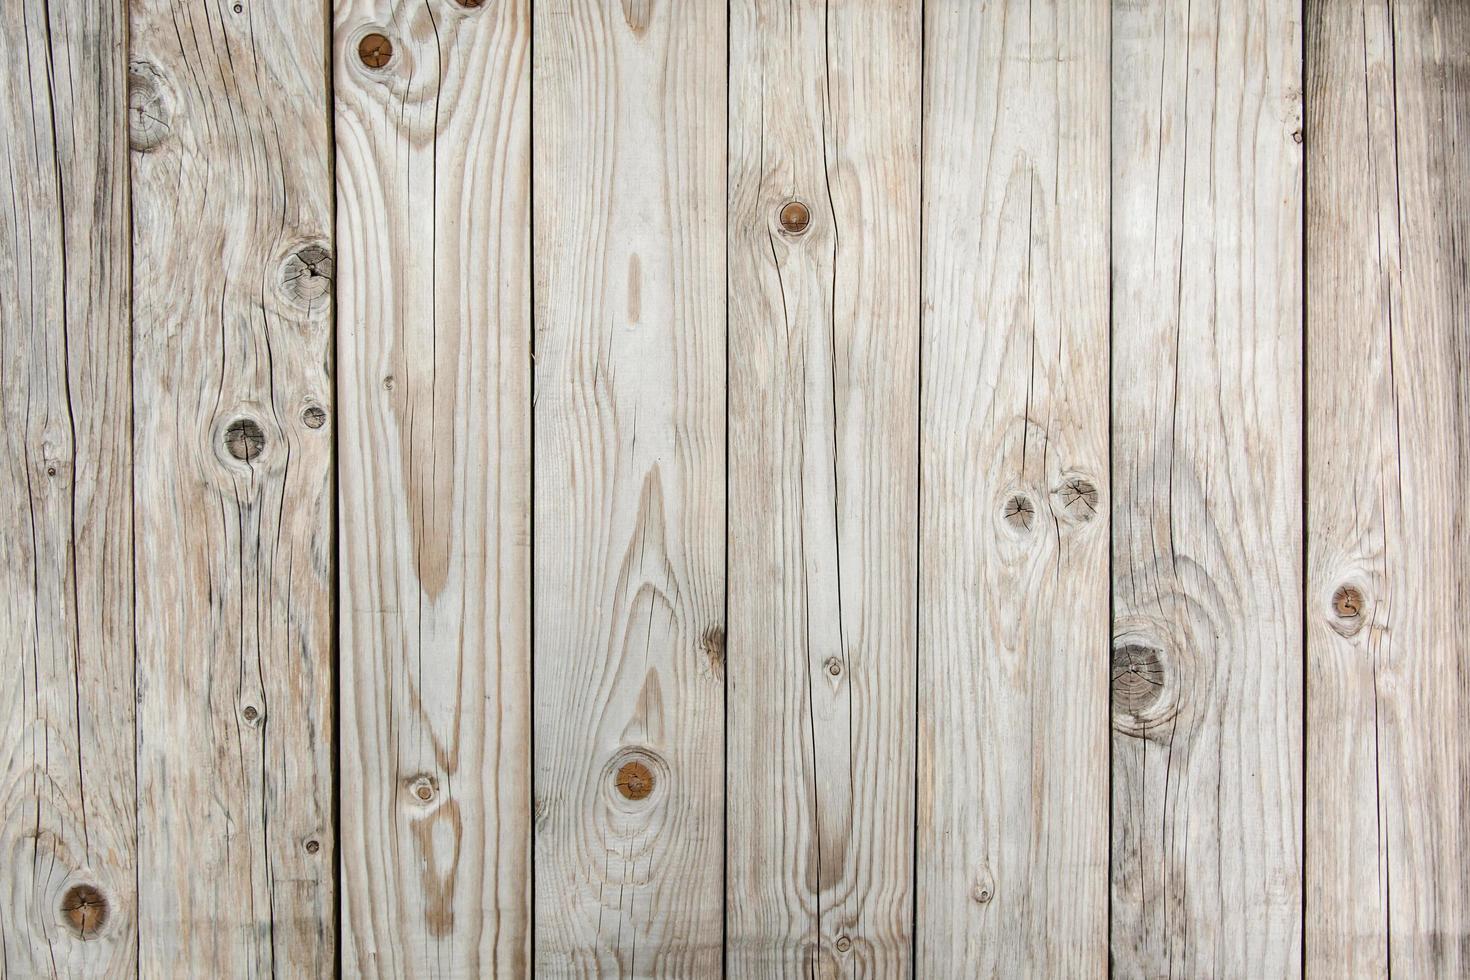 tavola piatta in legno foto